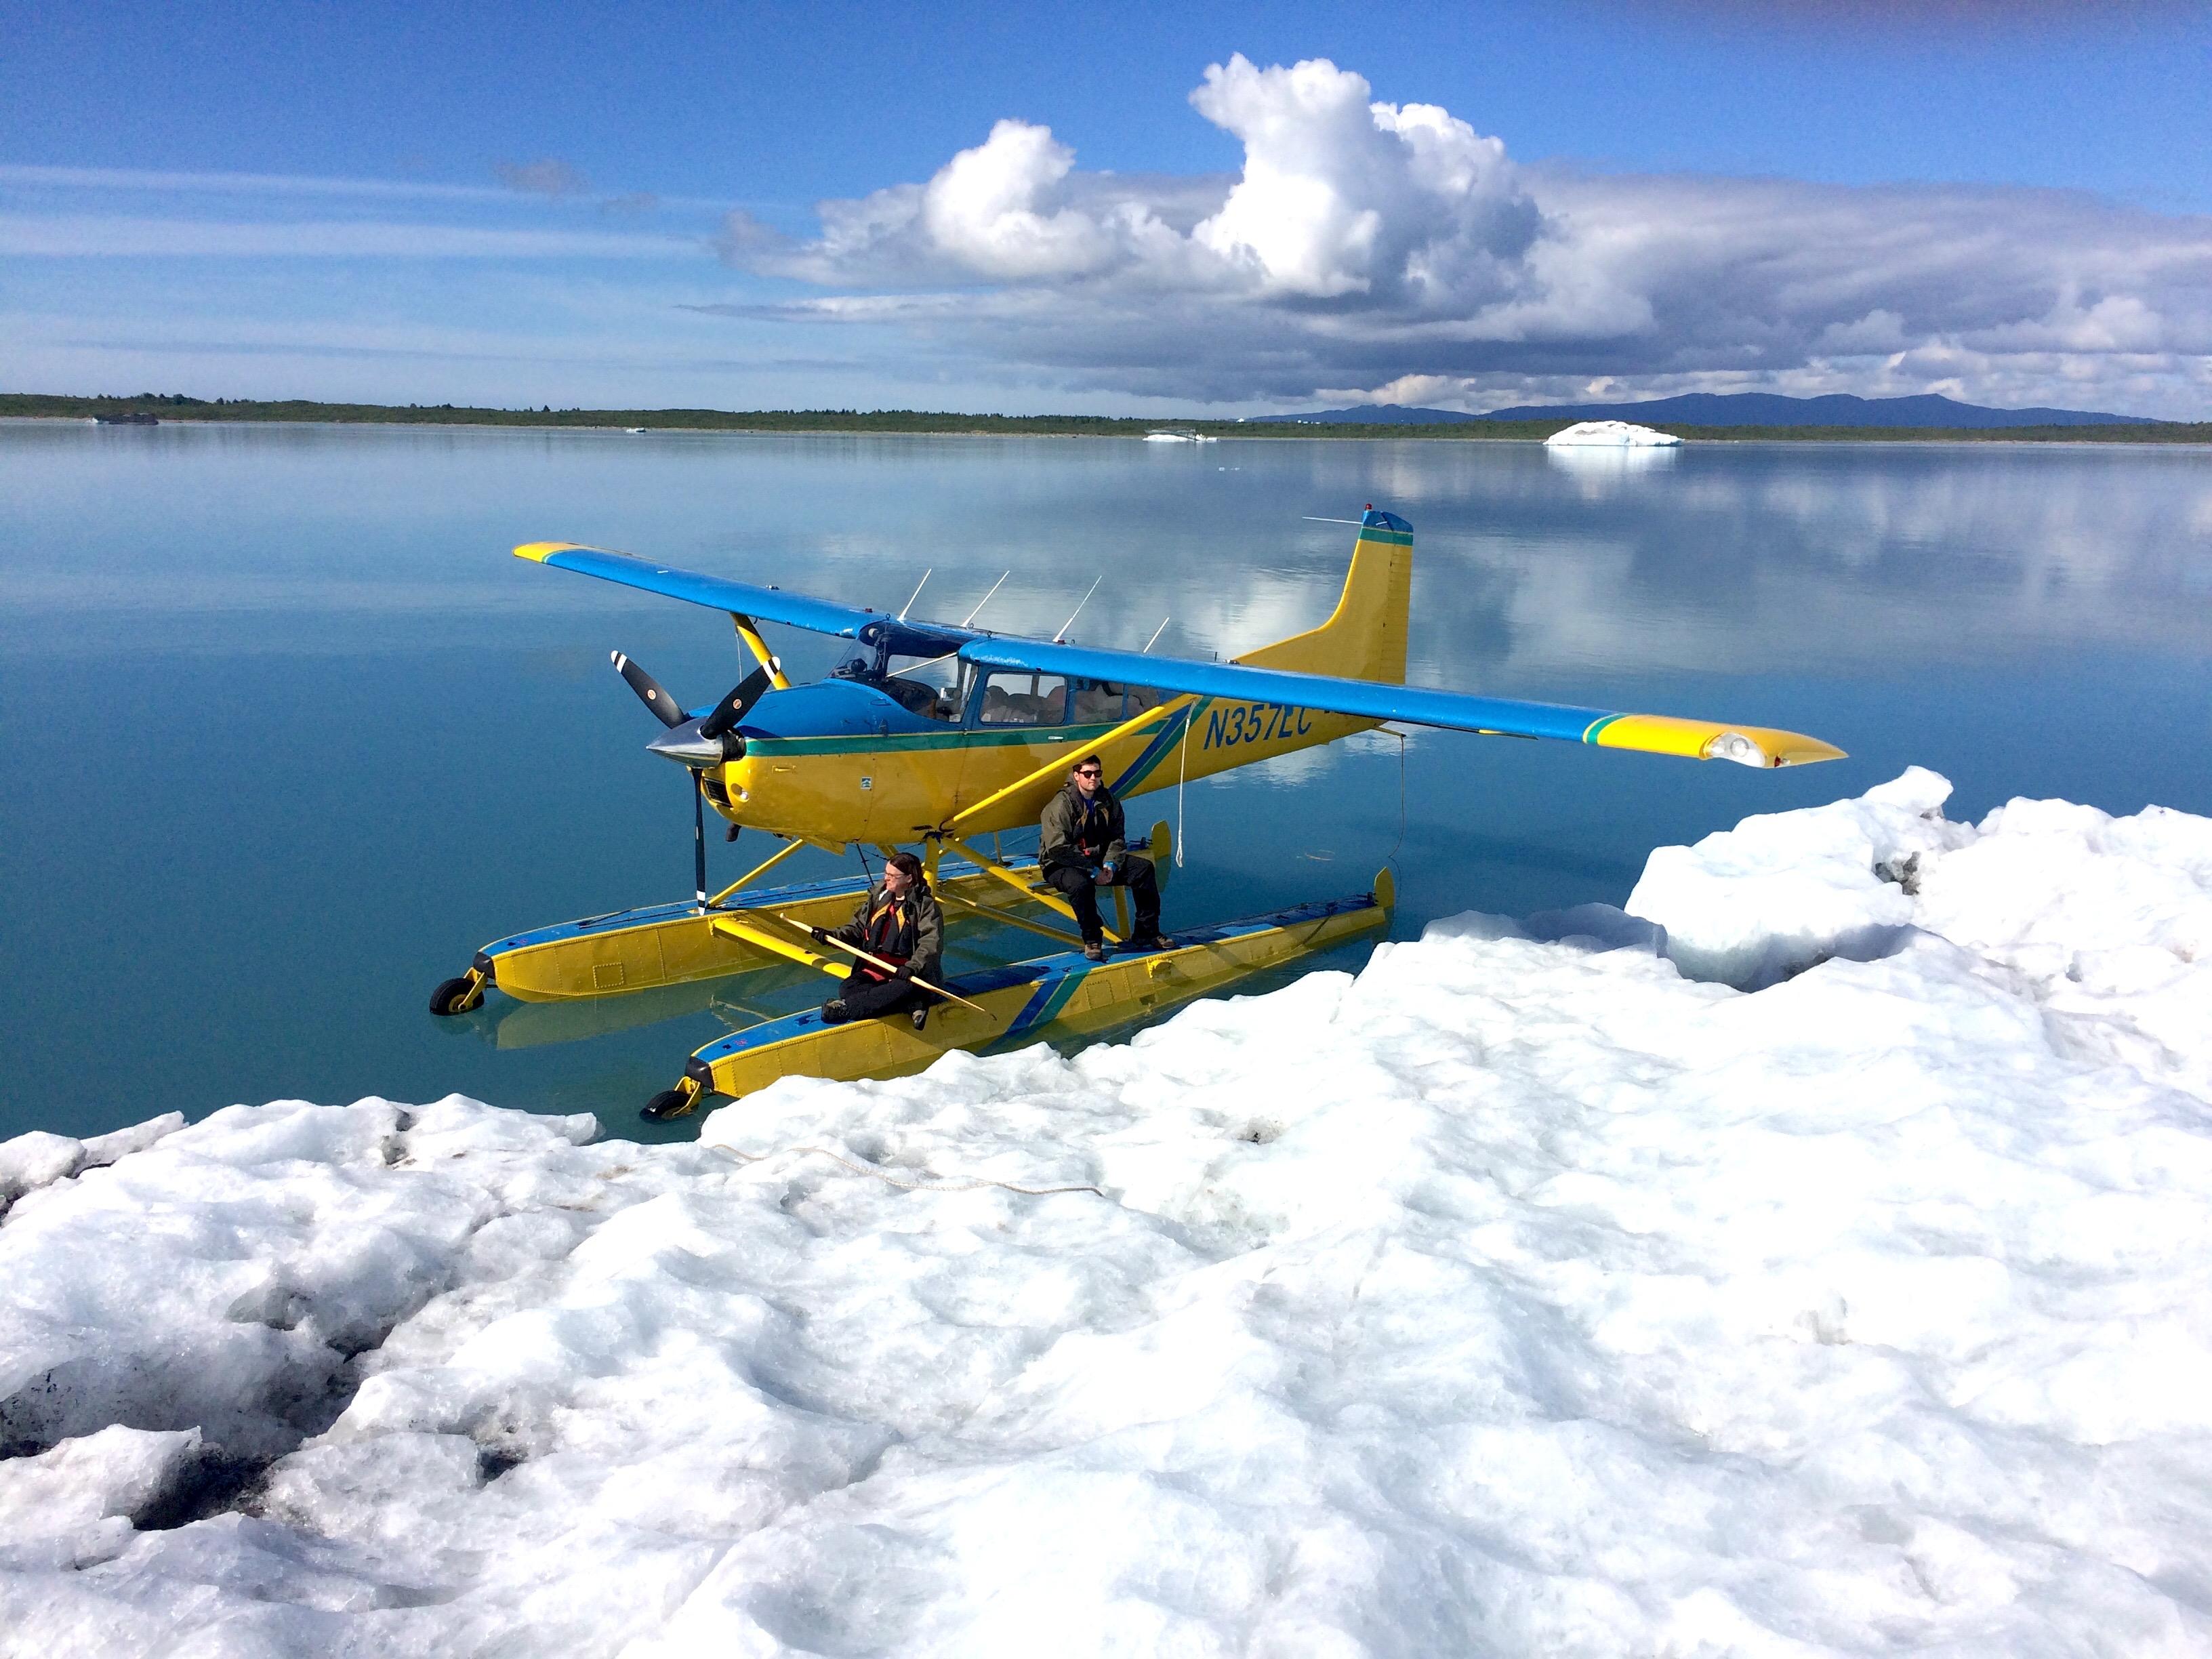 Bering Glacier Ice Dock